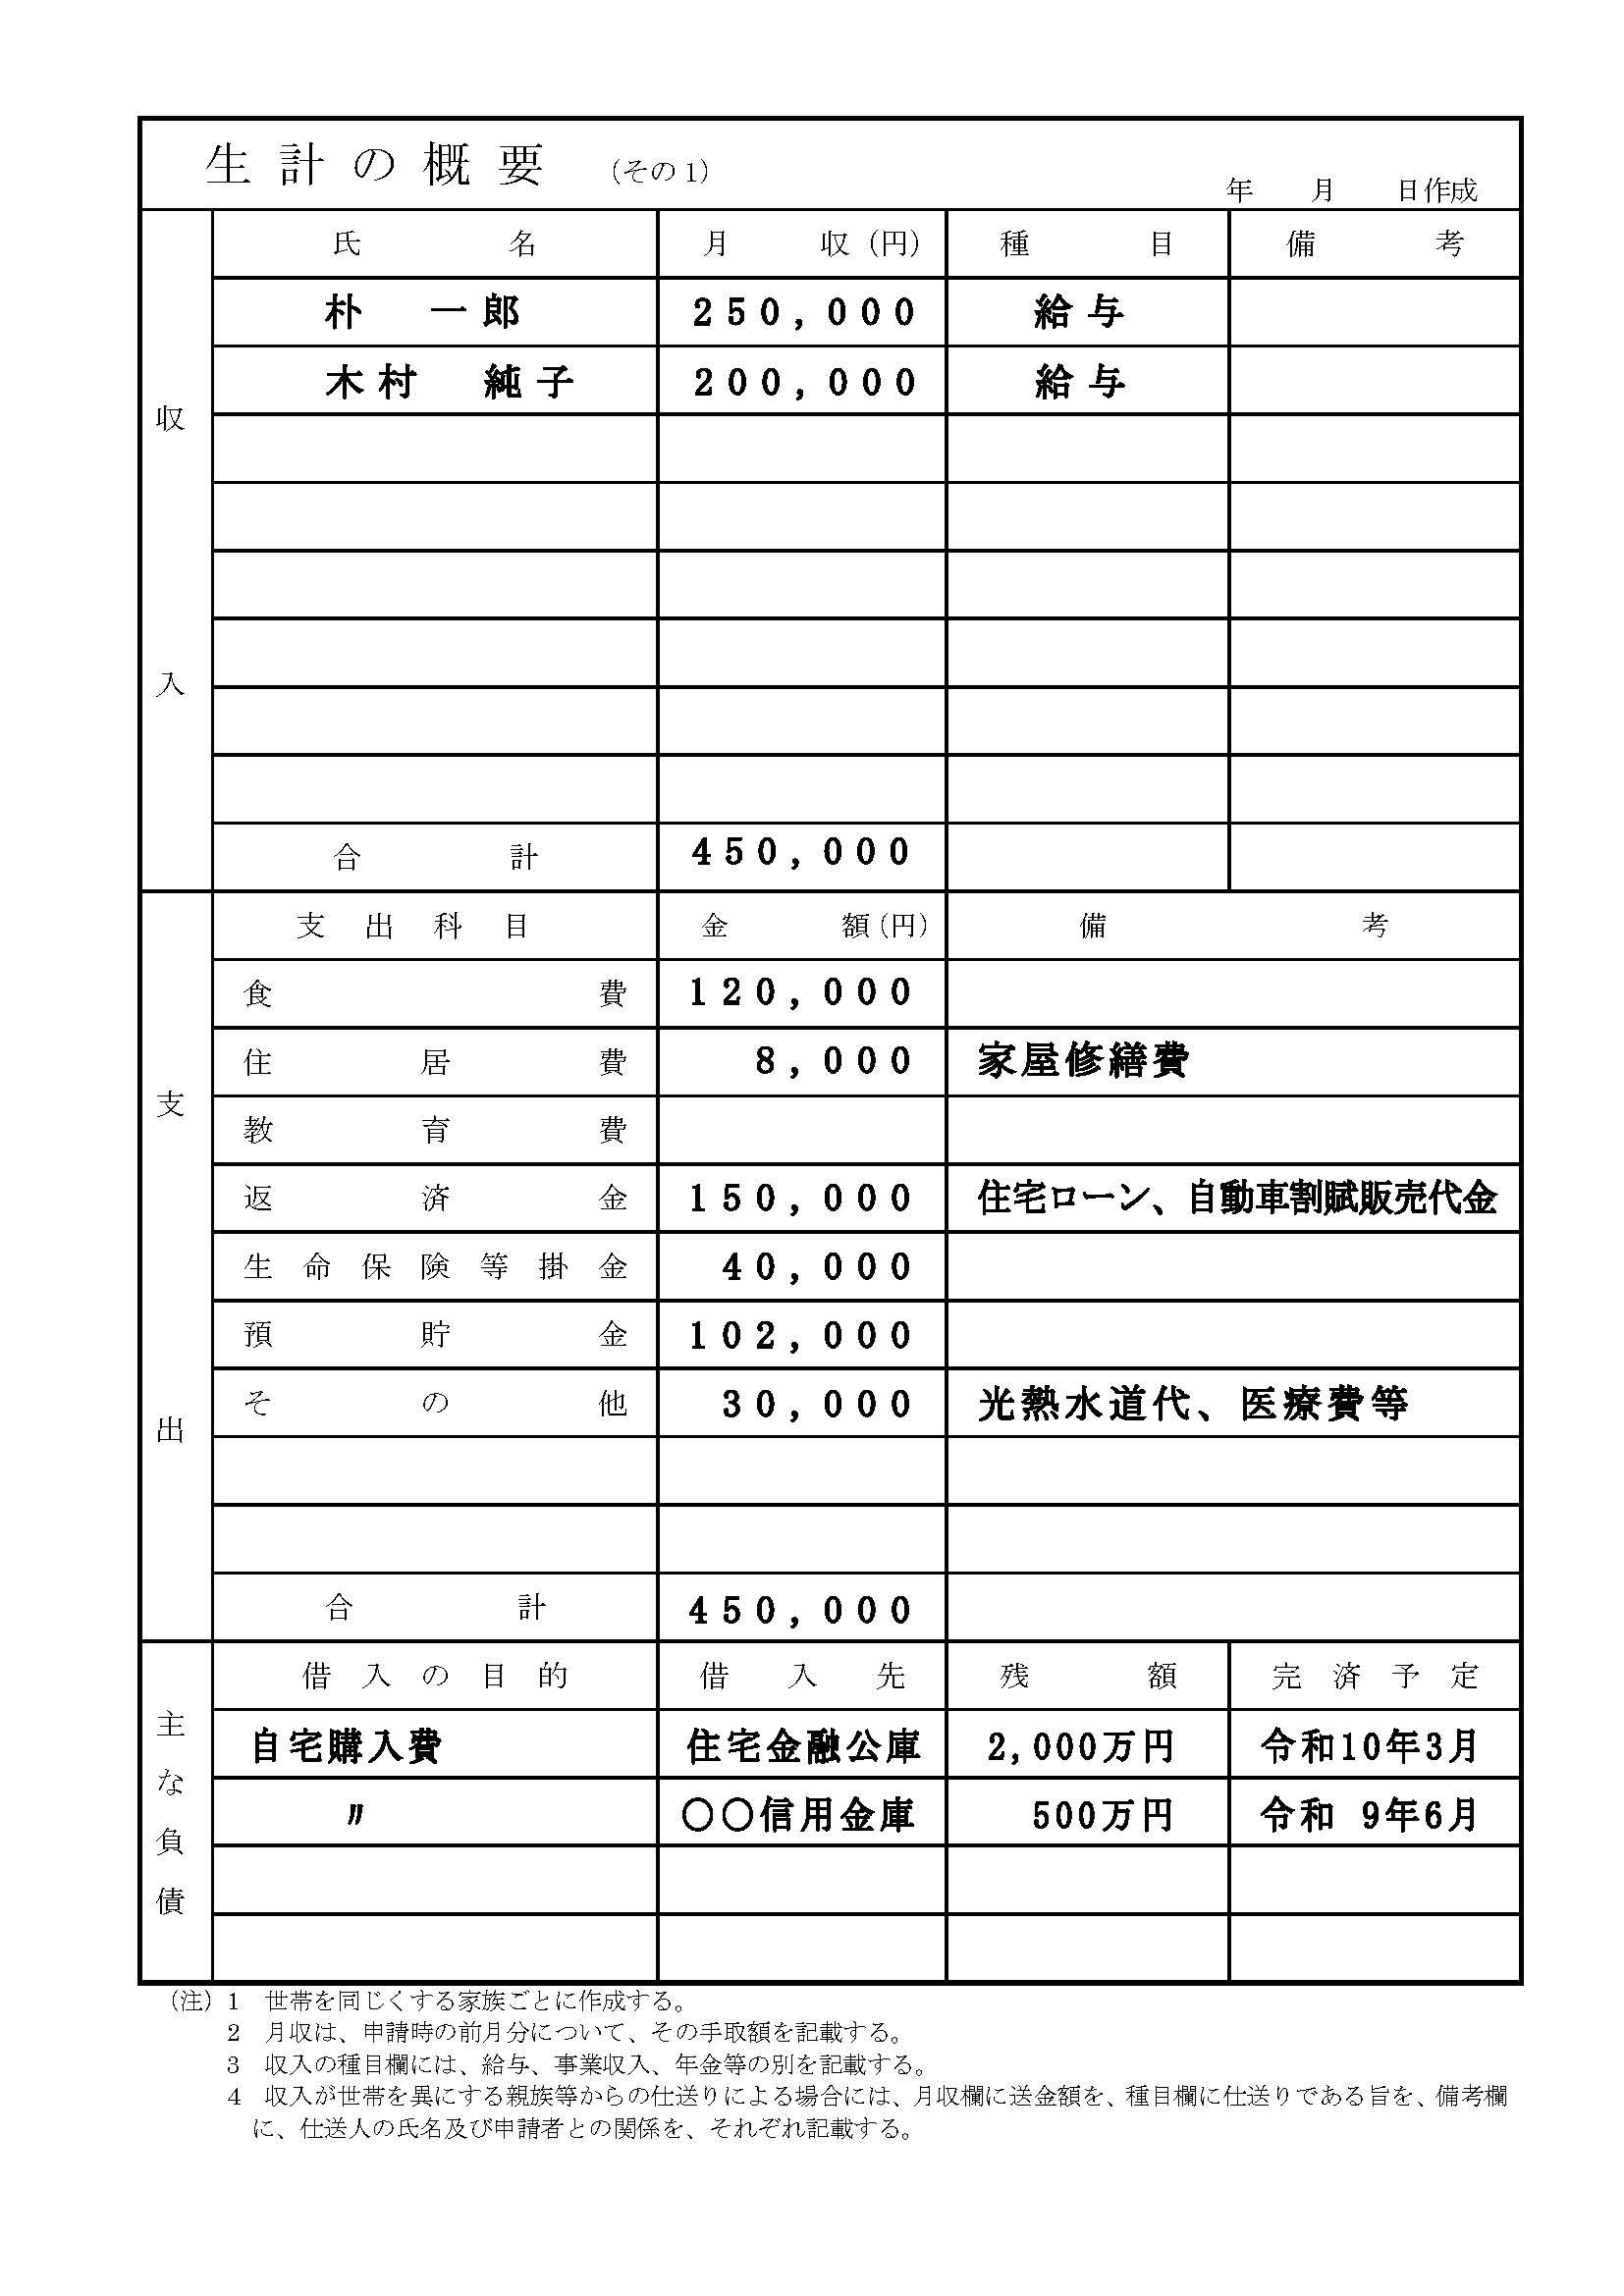 帰化申請書類「生計の概要」の書き方